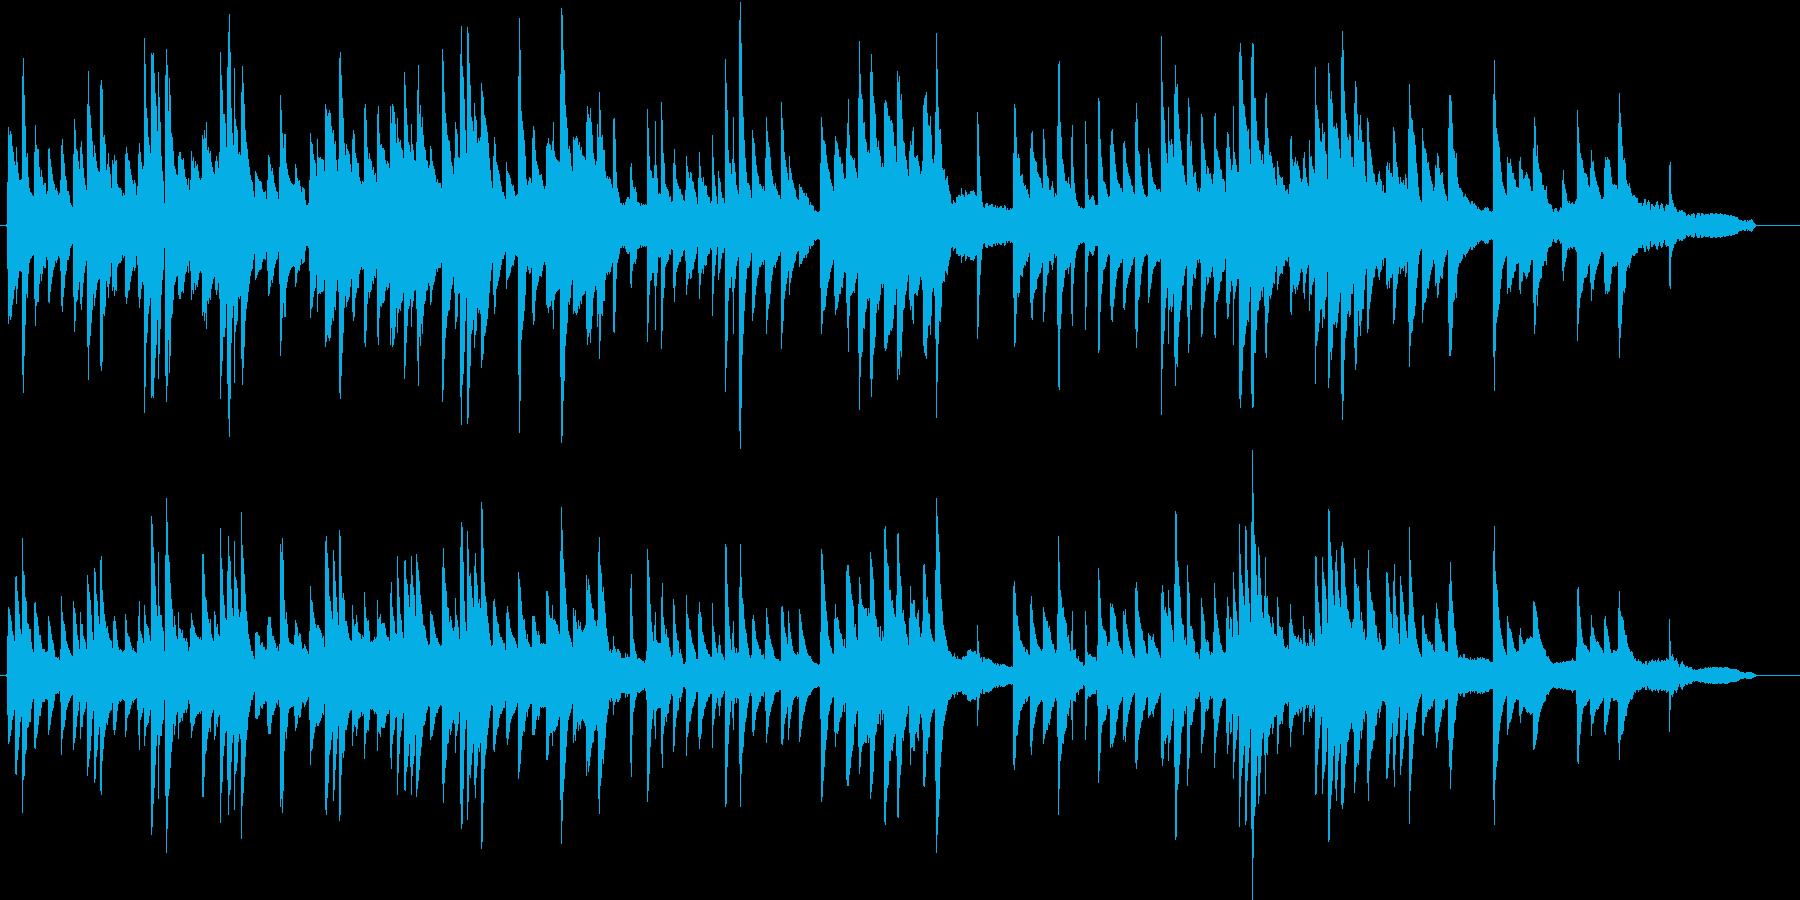 シンプルで静かで前向きでなピアノ曲の再生済みの波形